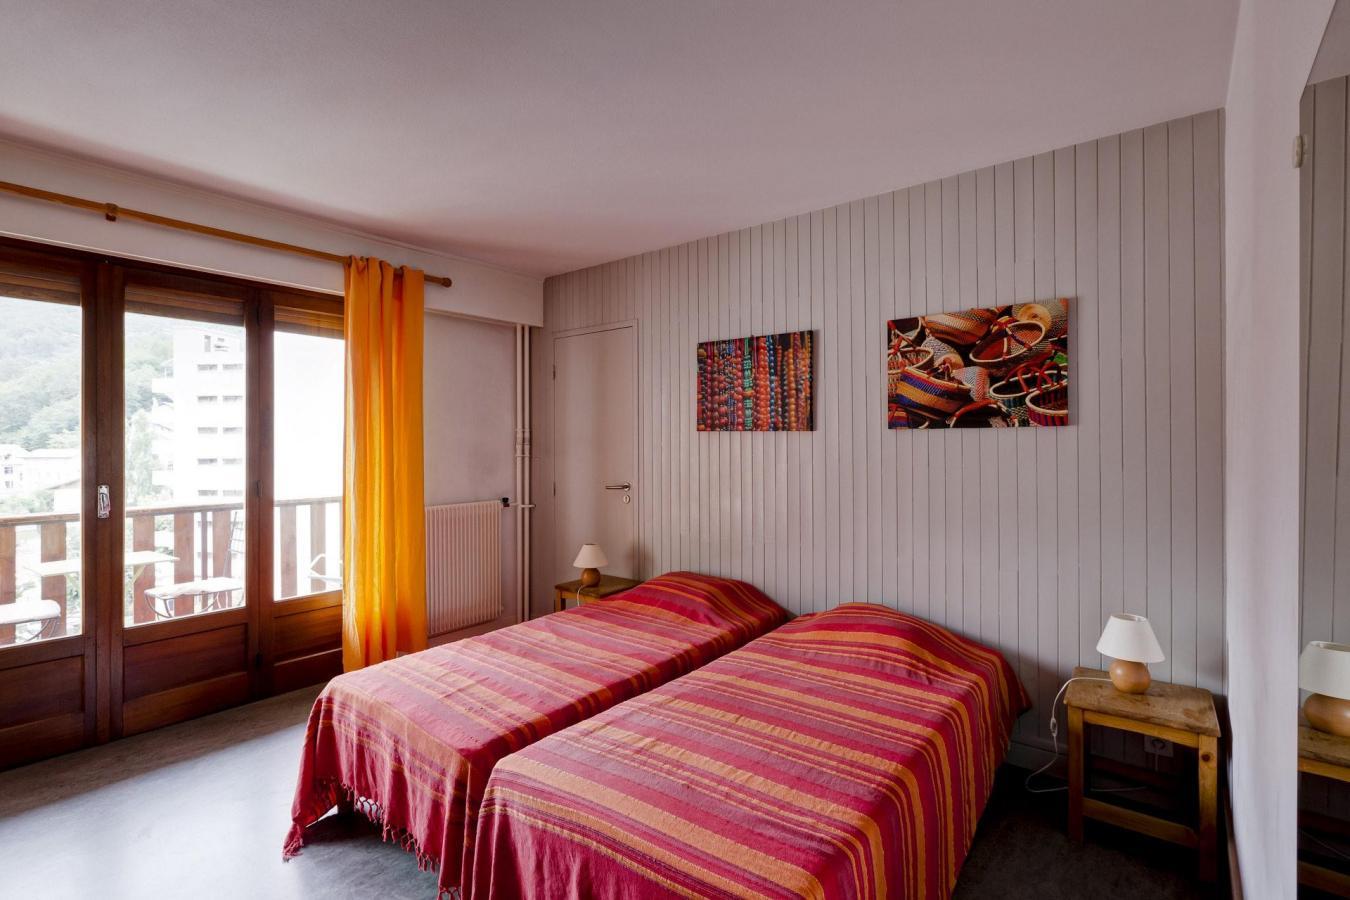 Location au ski Studio 2 personnes (34) - Residence Villa Louise - Brides Les Bains - Lit simple